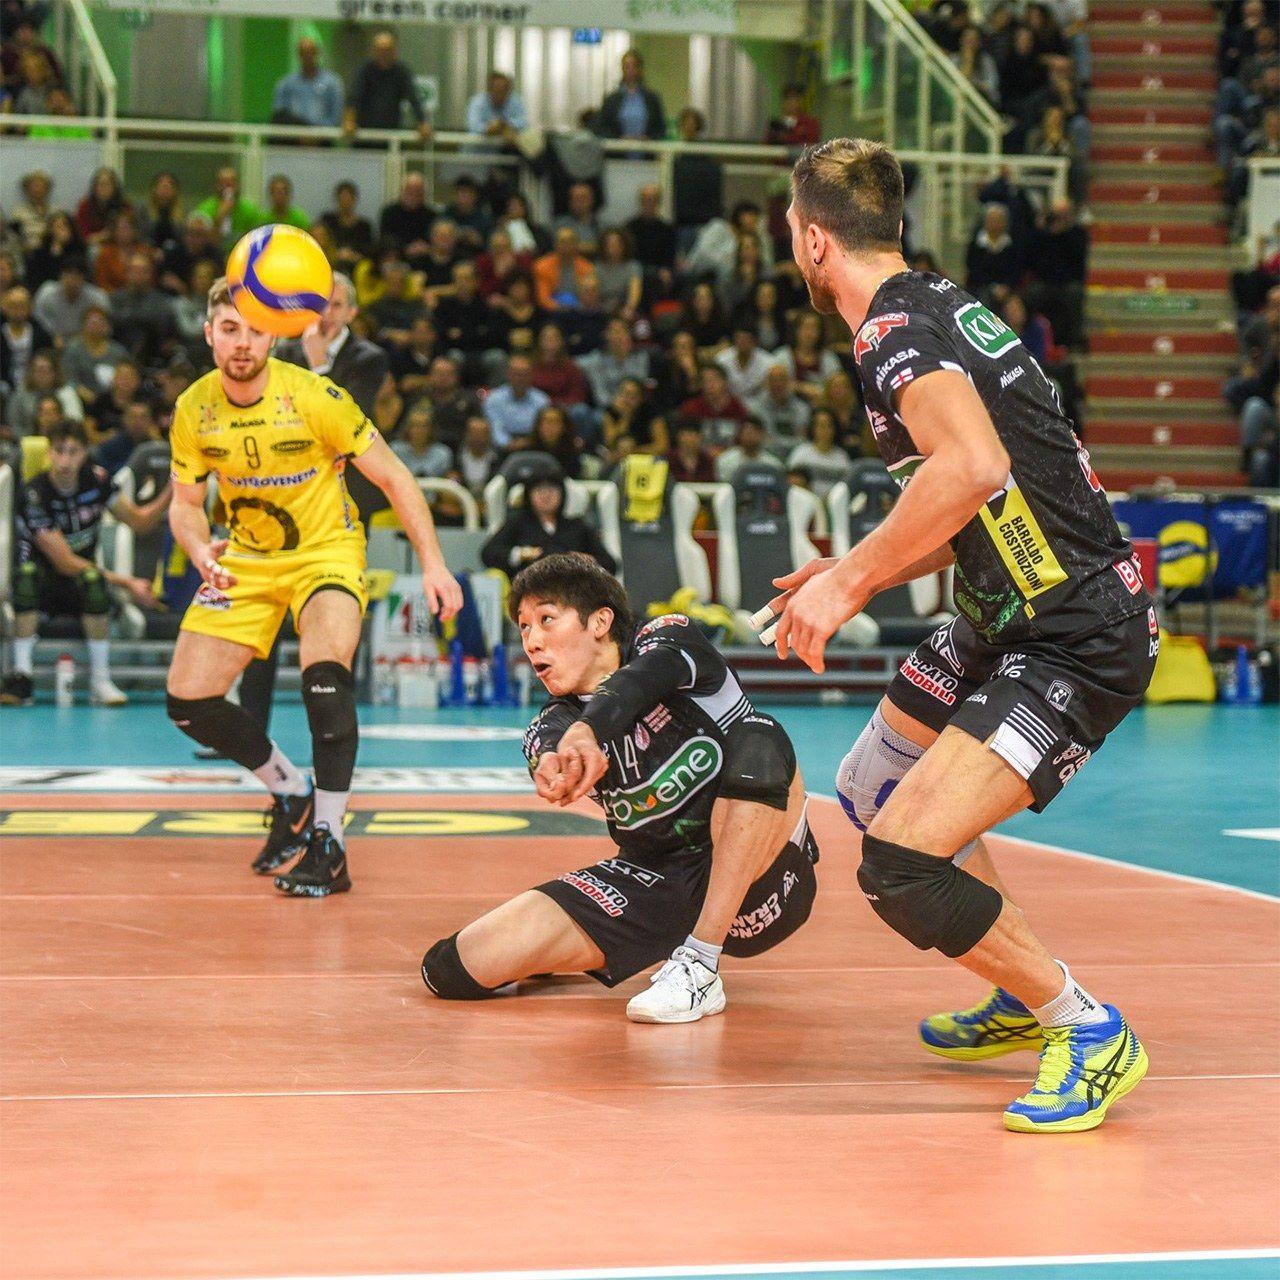 Исикава – ключевой игрок в обороне команды